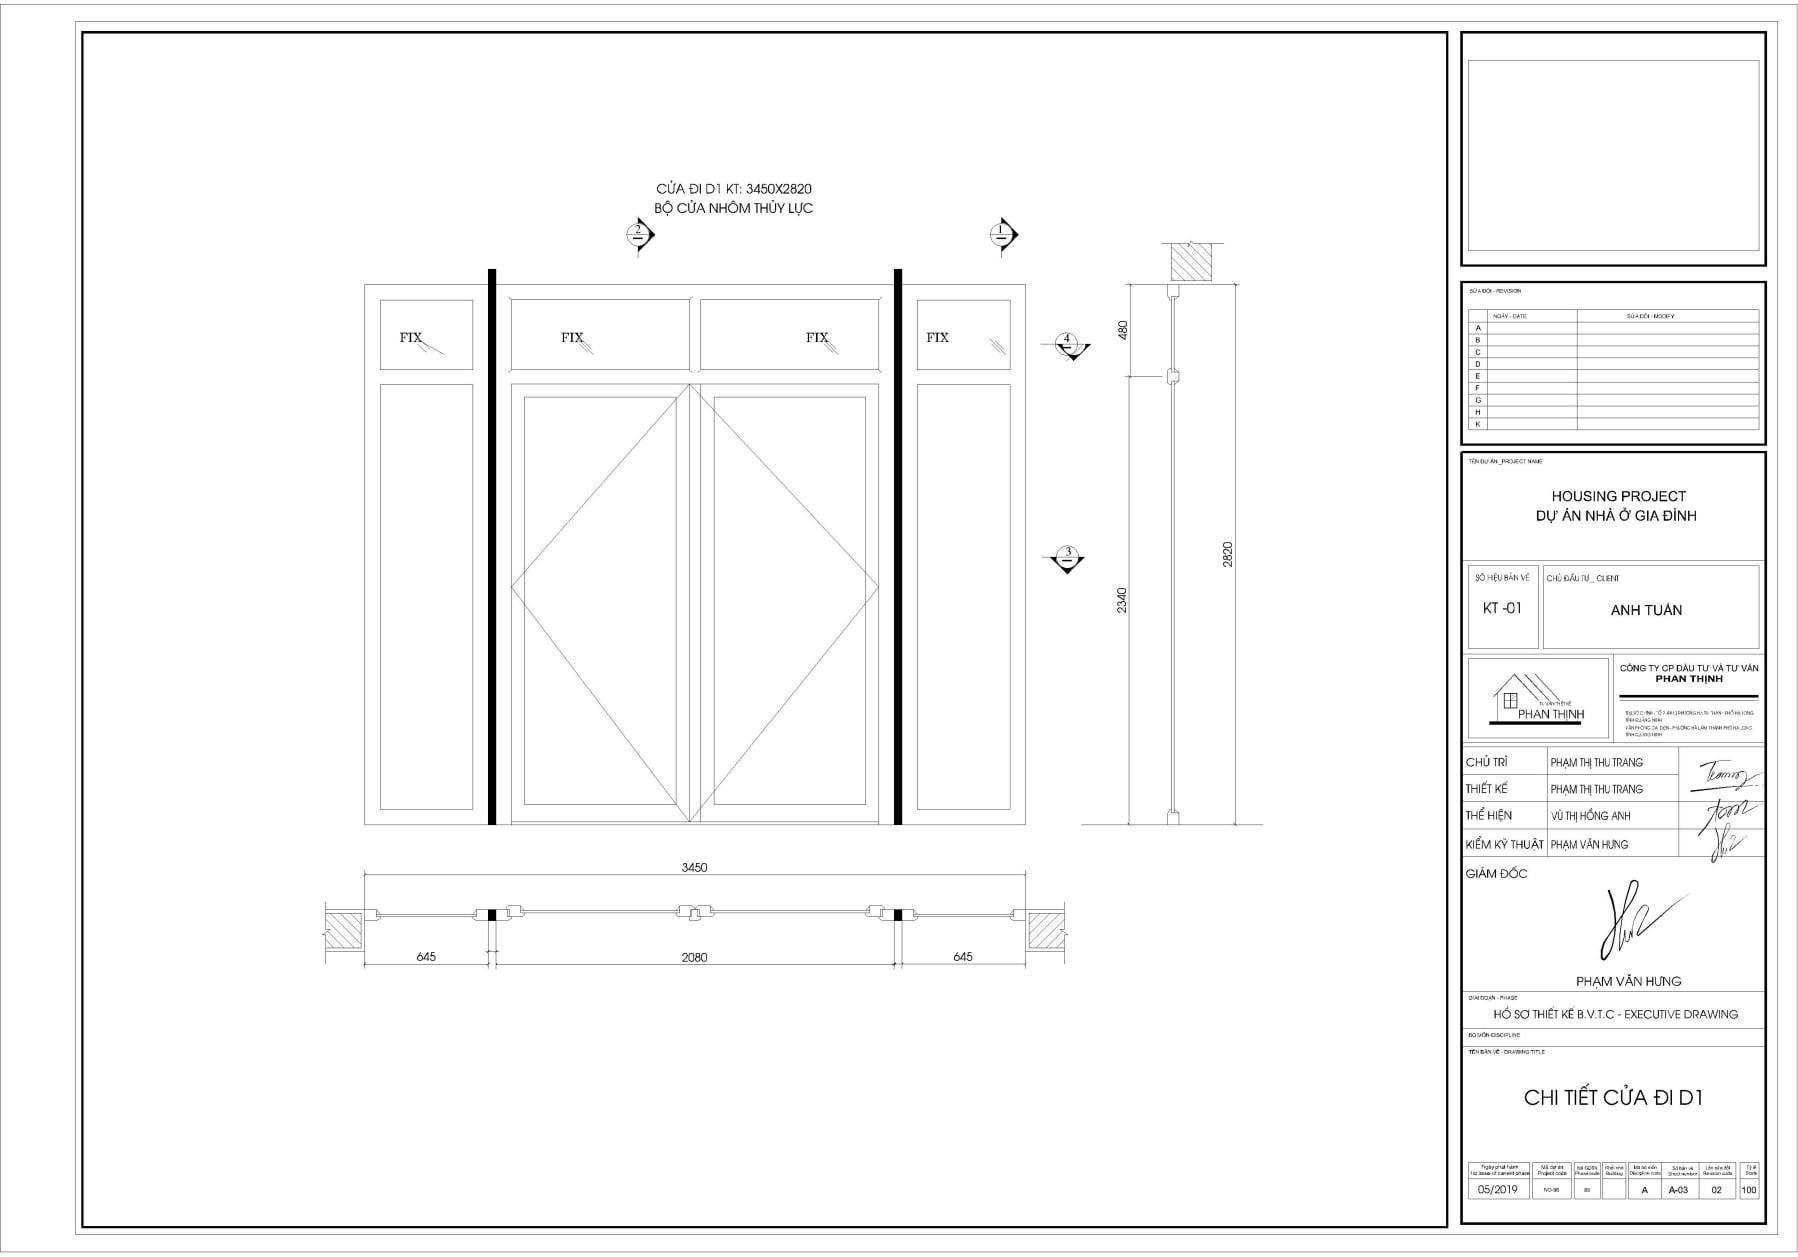 Bản vẽ thiết kế cửa nhôm thủy lực xing fa